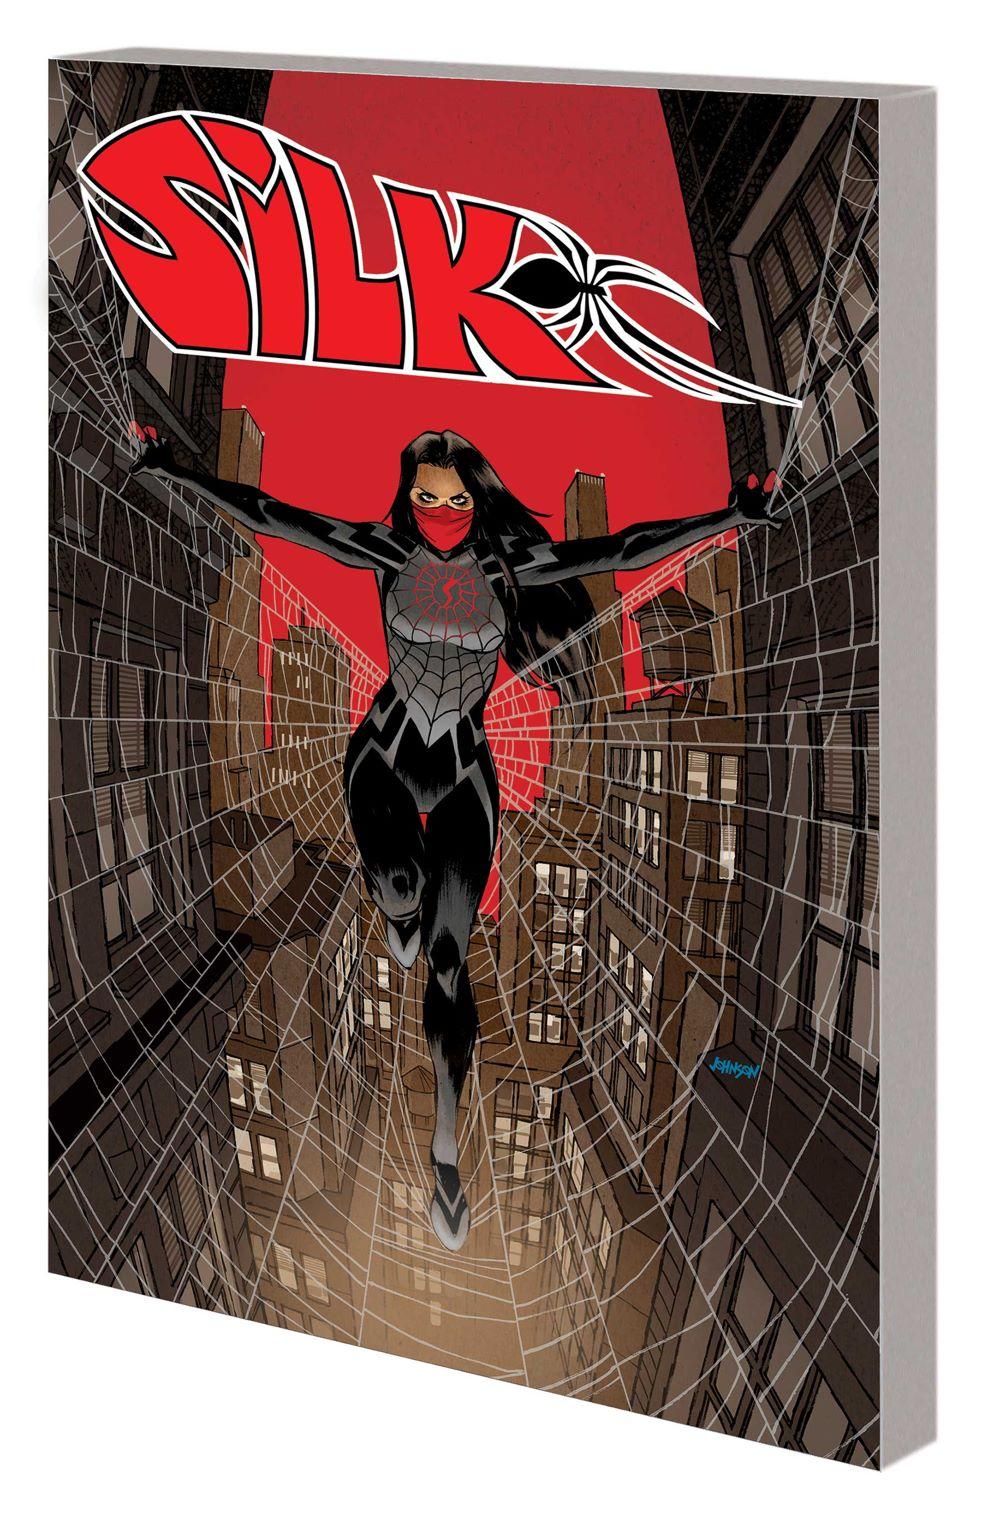 SILK_VOL_1_TPB Marvel Comics January 2021 Solicitations